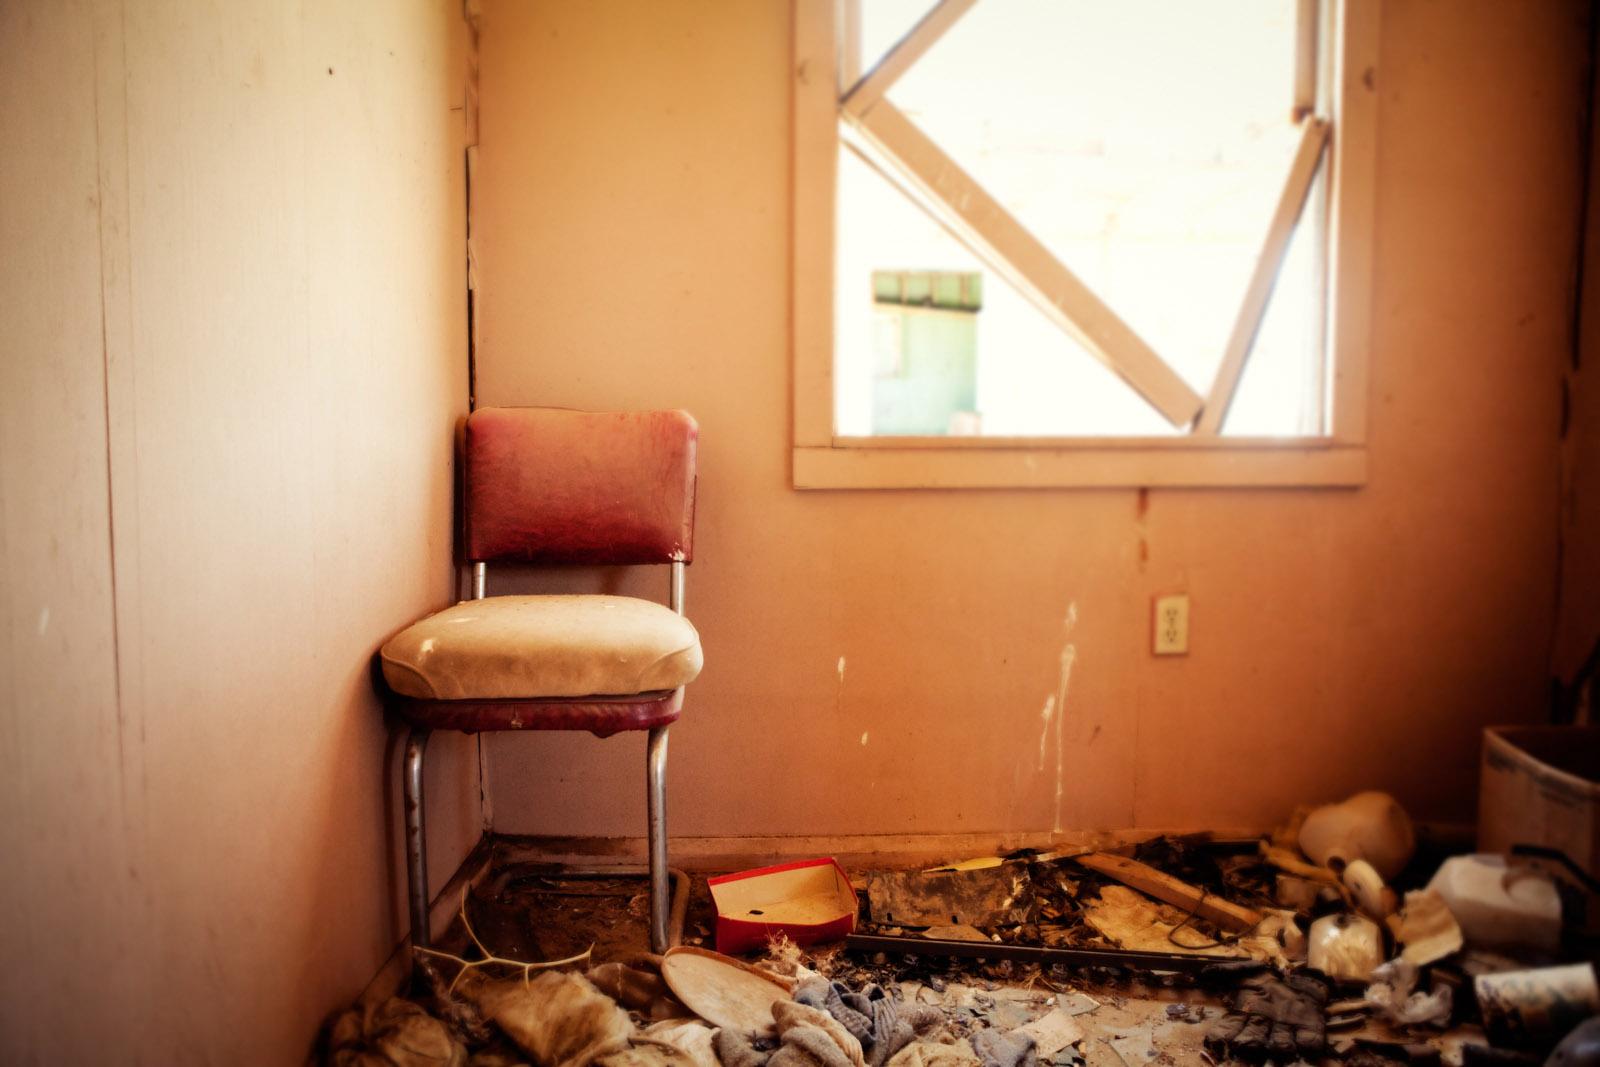 Mark_Nagel_Abandoned-09.jpg